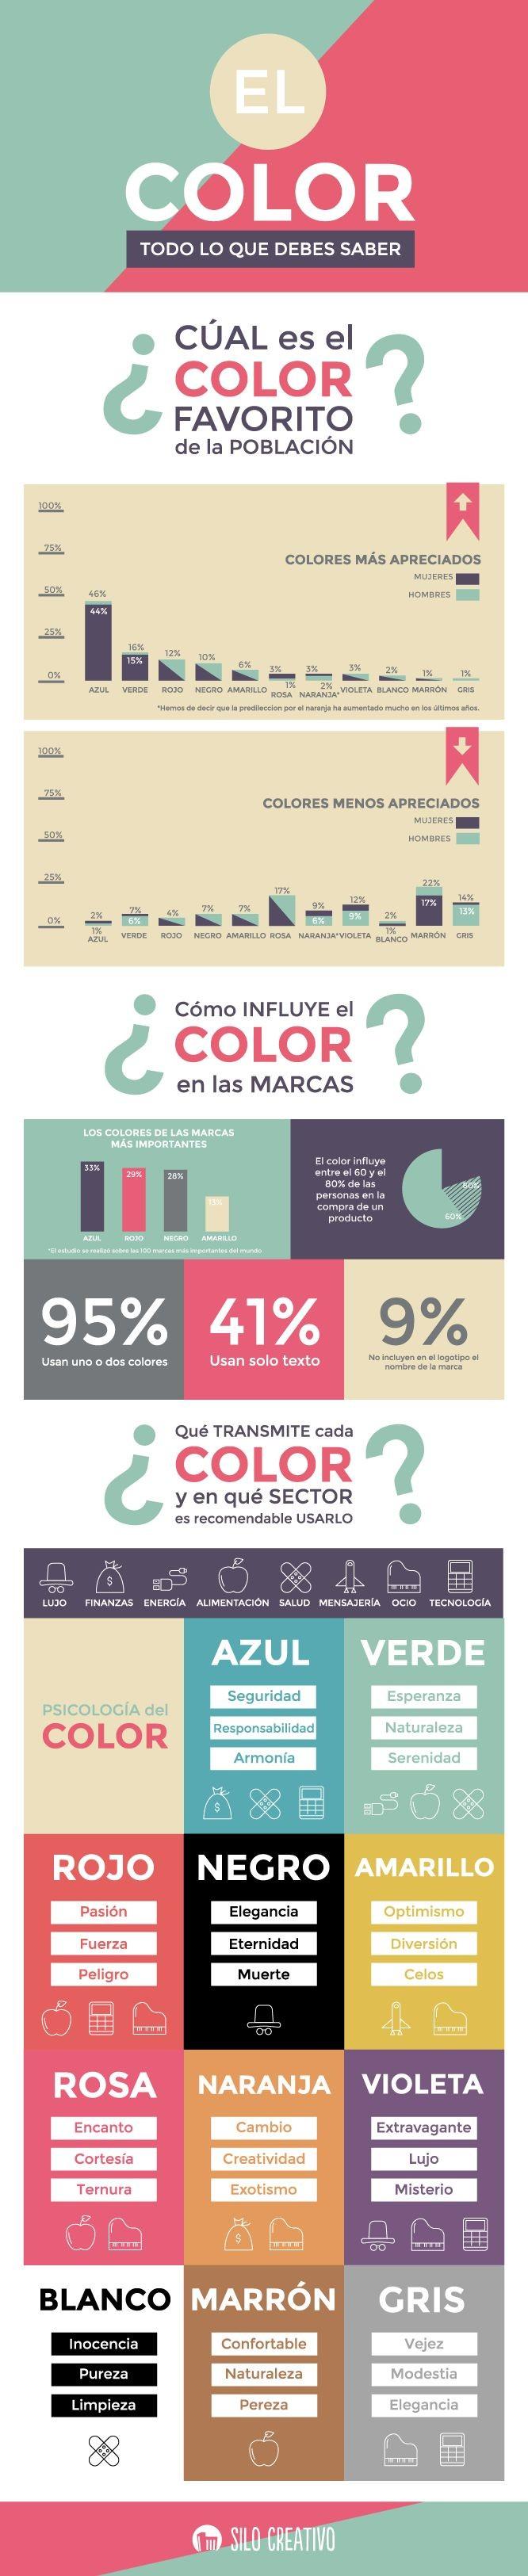 El color todo lo que debes de saber infografia